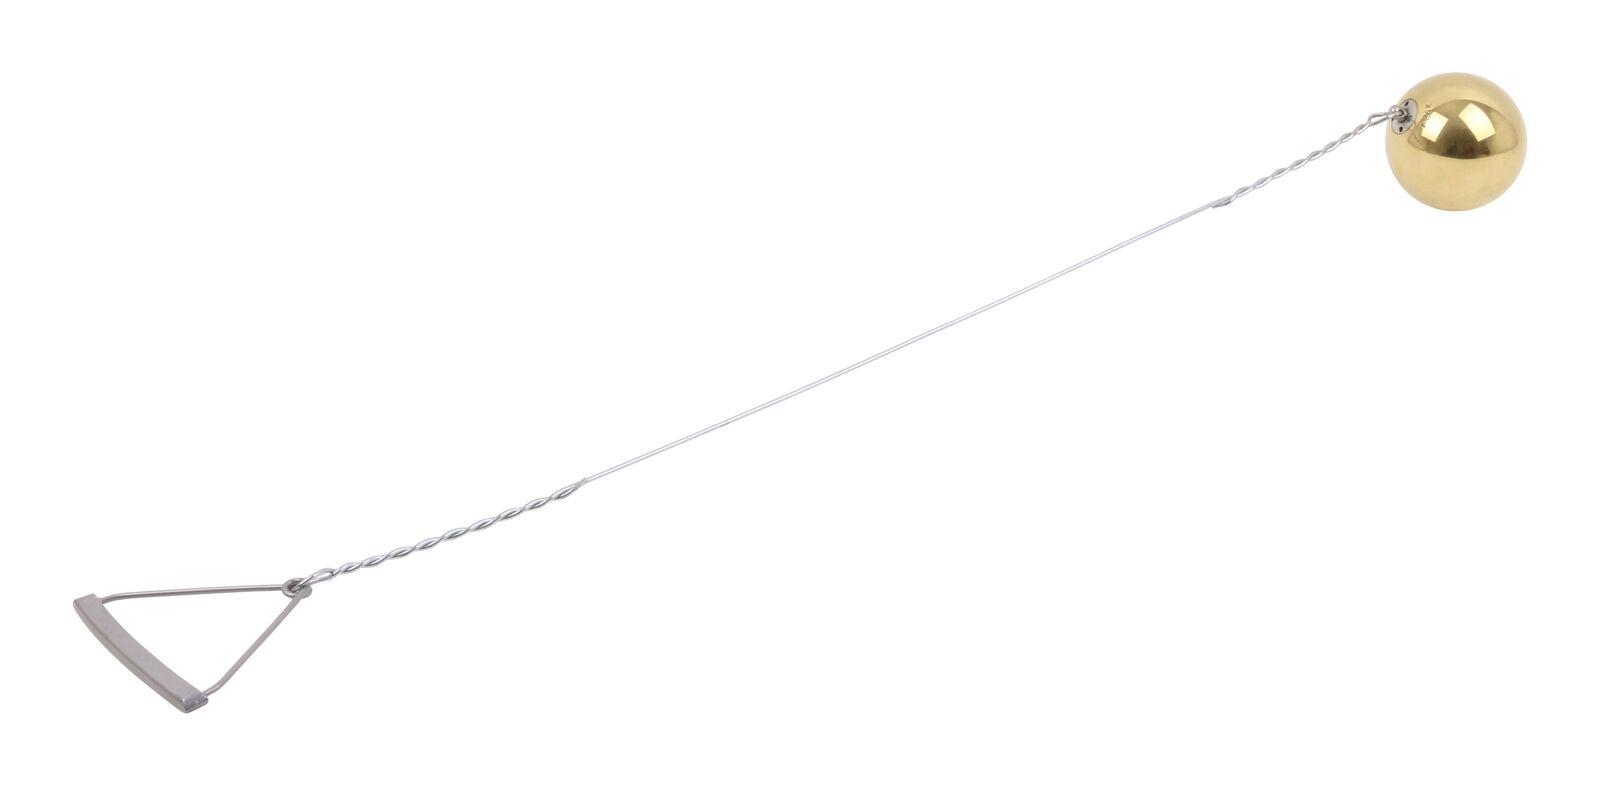 Martello da lancio lancio lancio in ottone ad alte prestazioni - 4 kg - 5 kg - 6 kg - 7,26 kg ddbc74